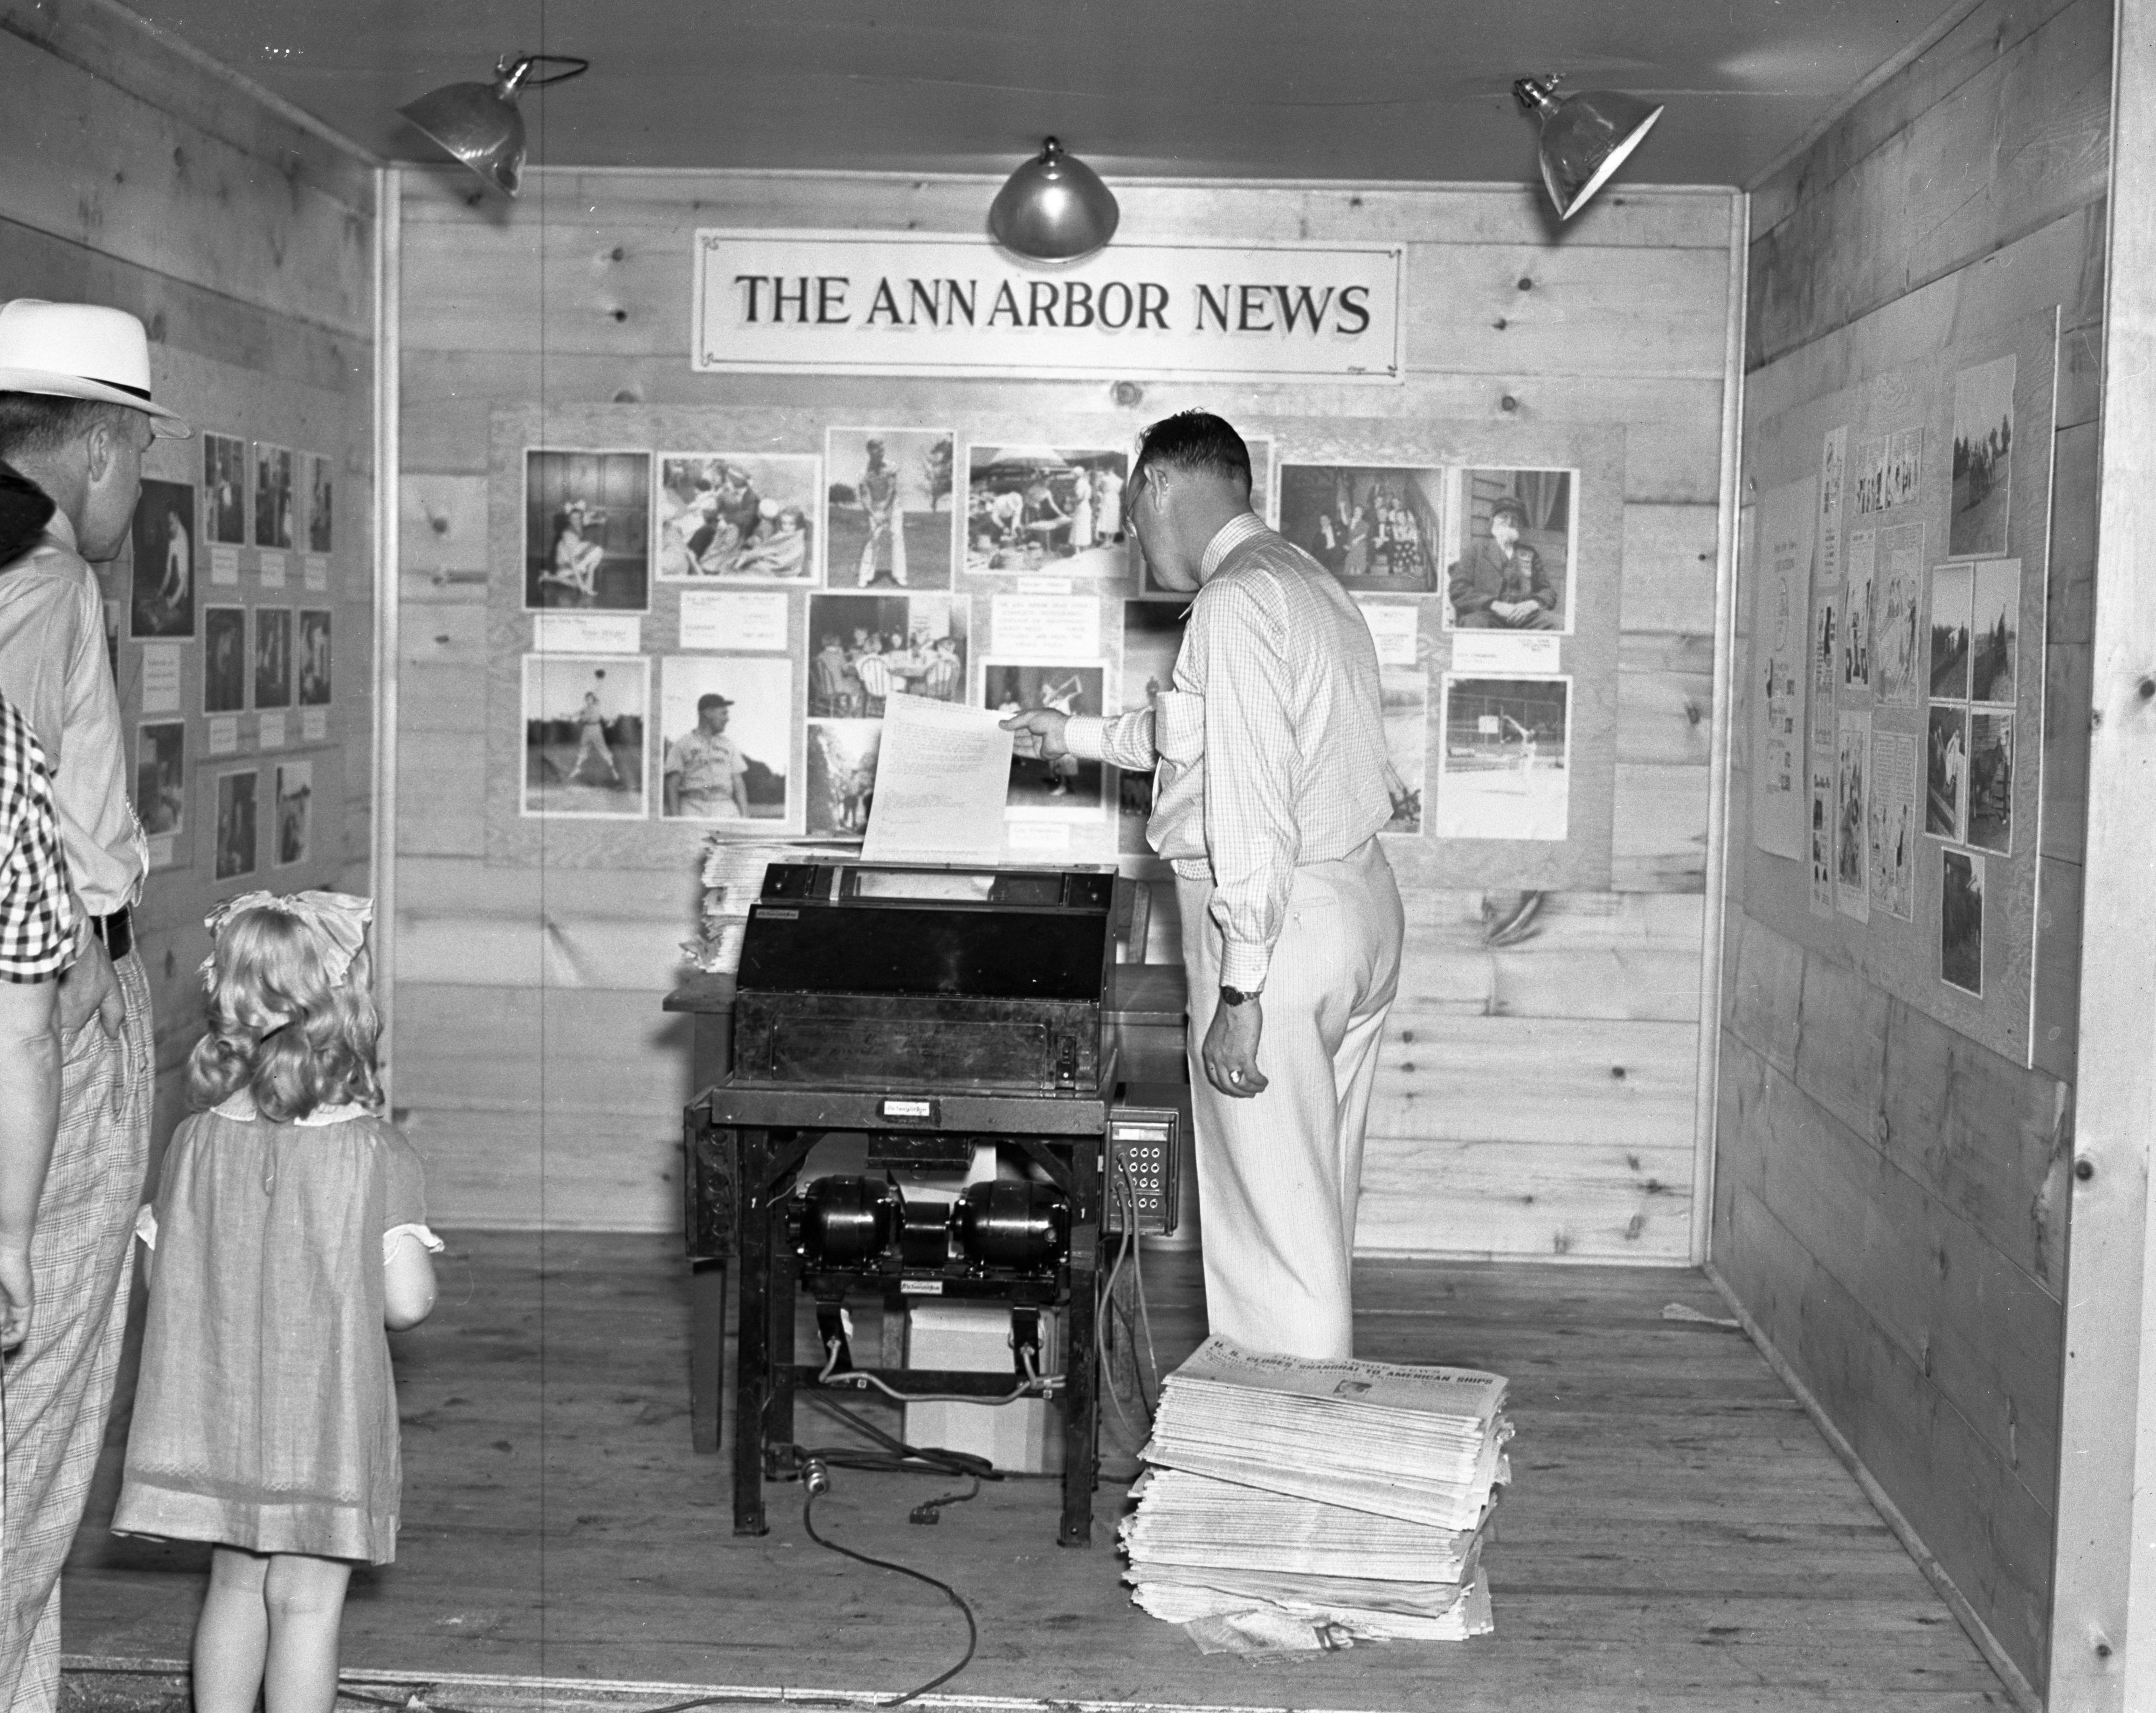 Ann arbor news booth at the ann arbor art fair 1937 old for Ann arbor painting